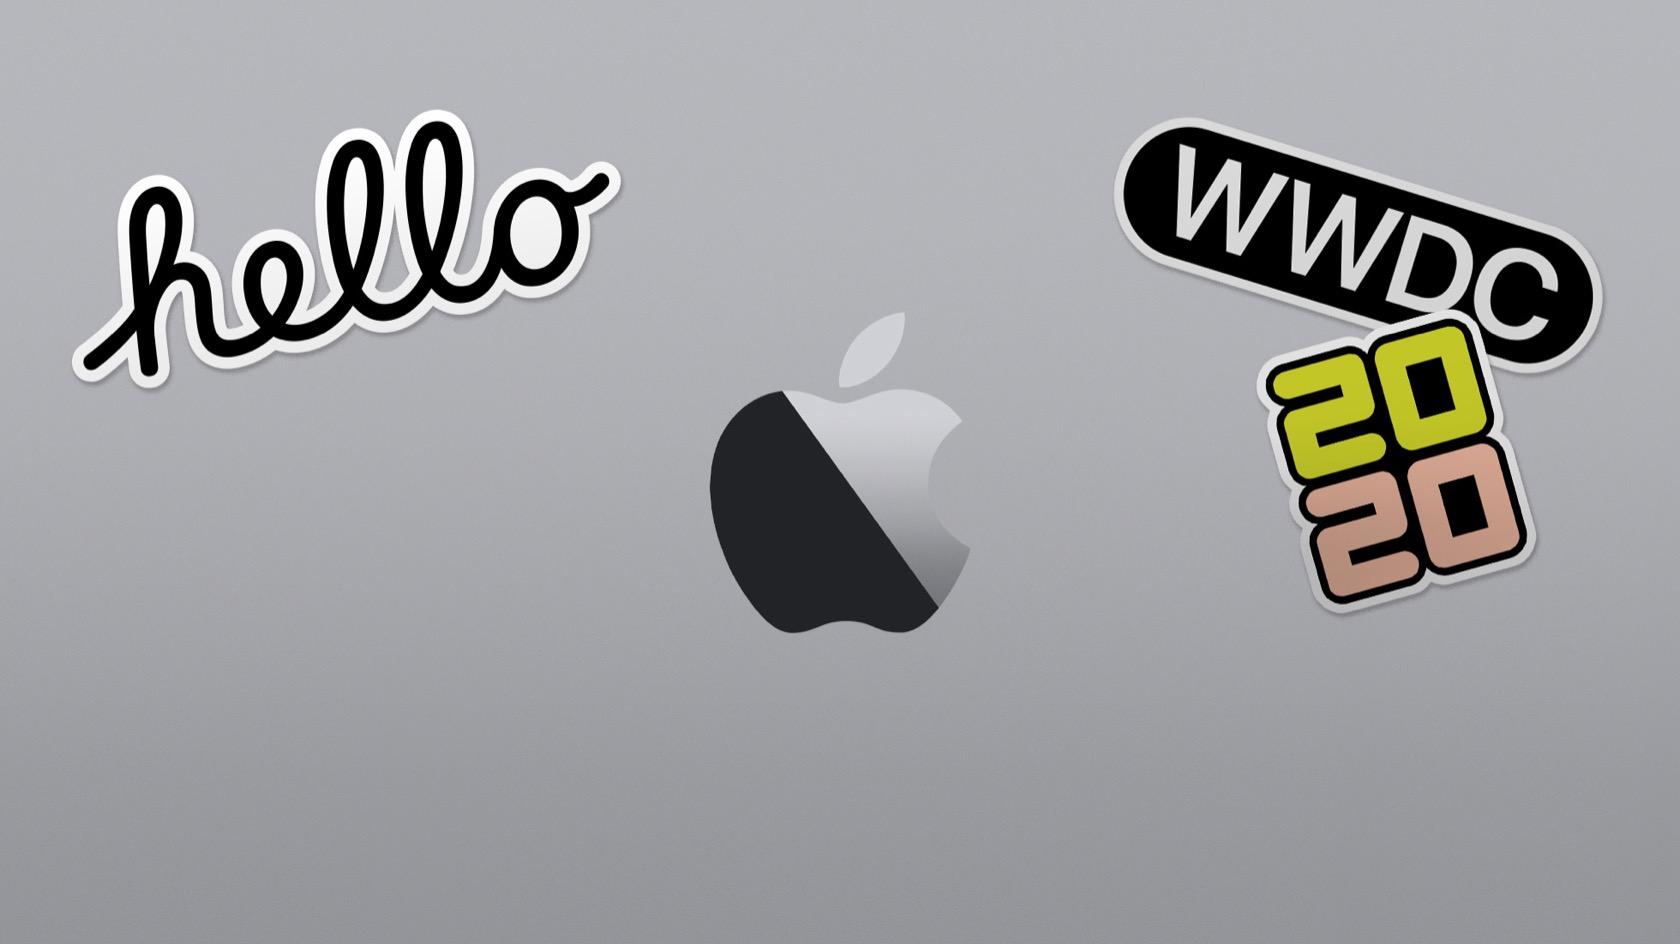 As datas virtuais da WWDC 2020 da Apple foram confirmadas: O que saber